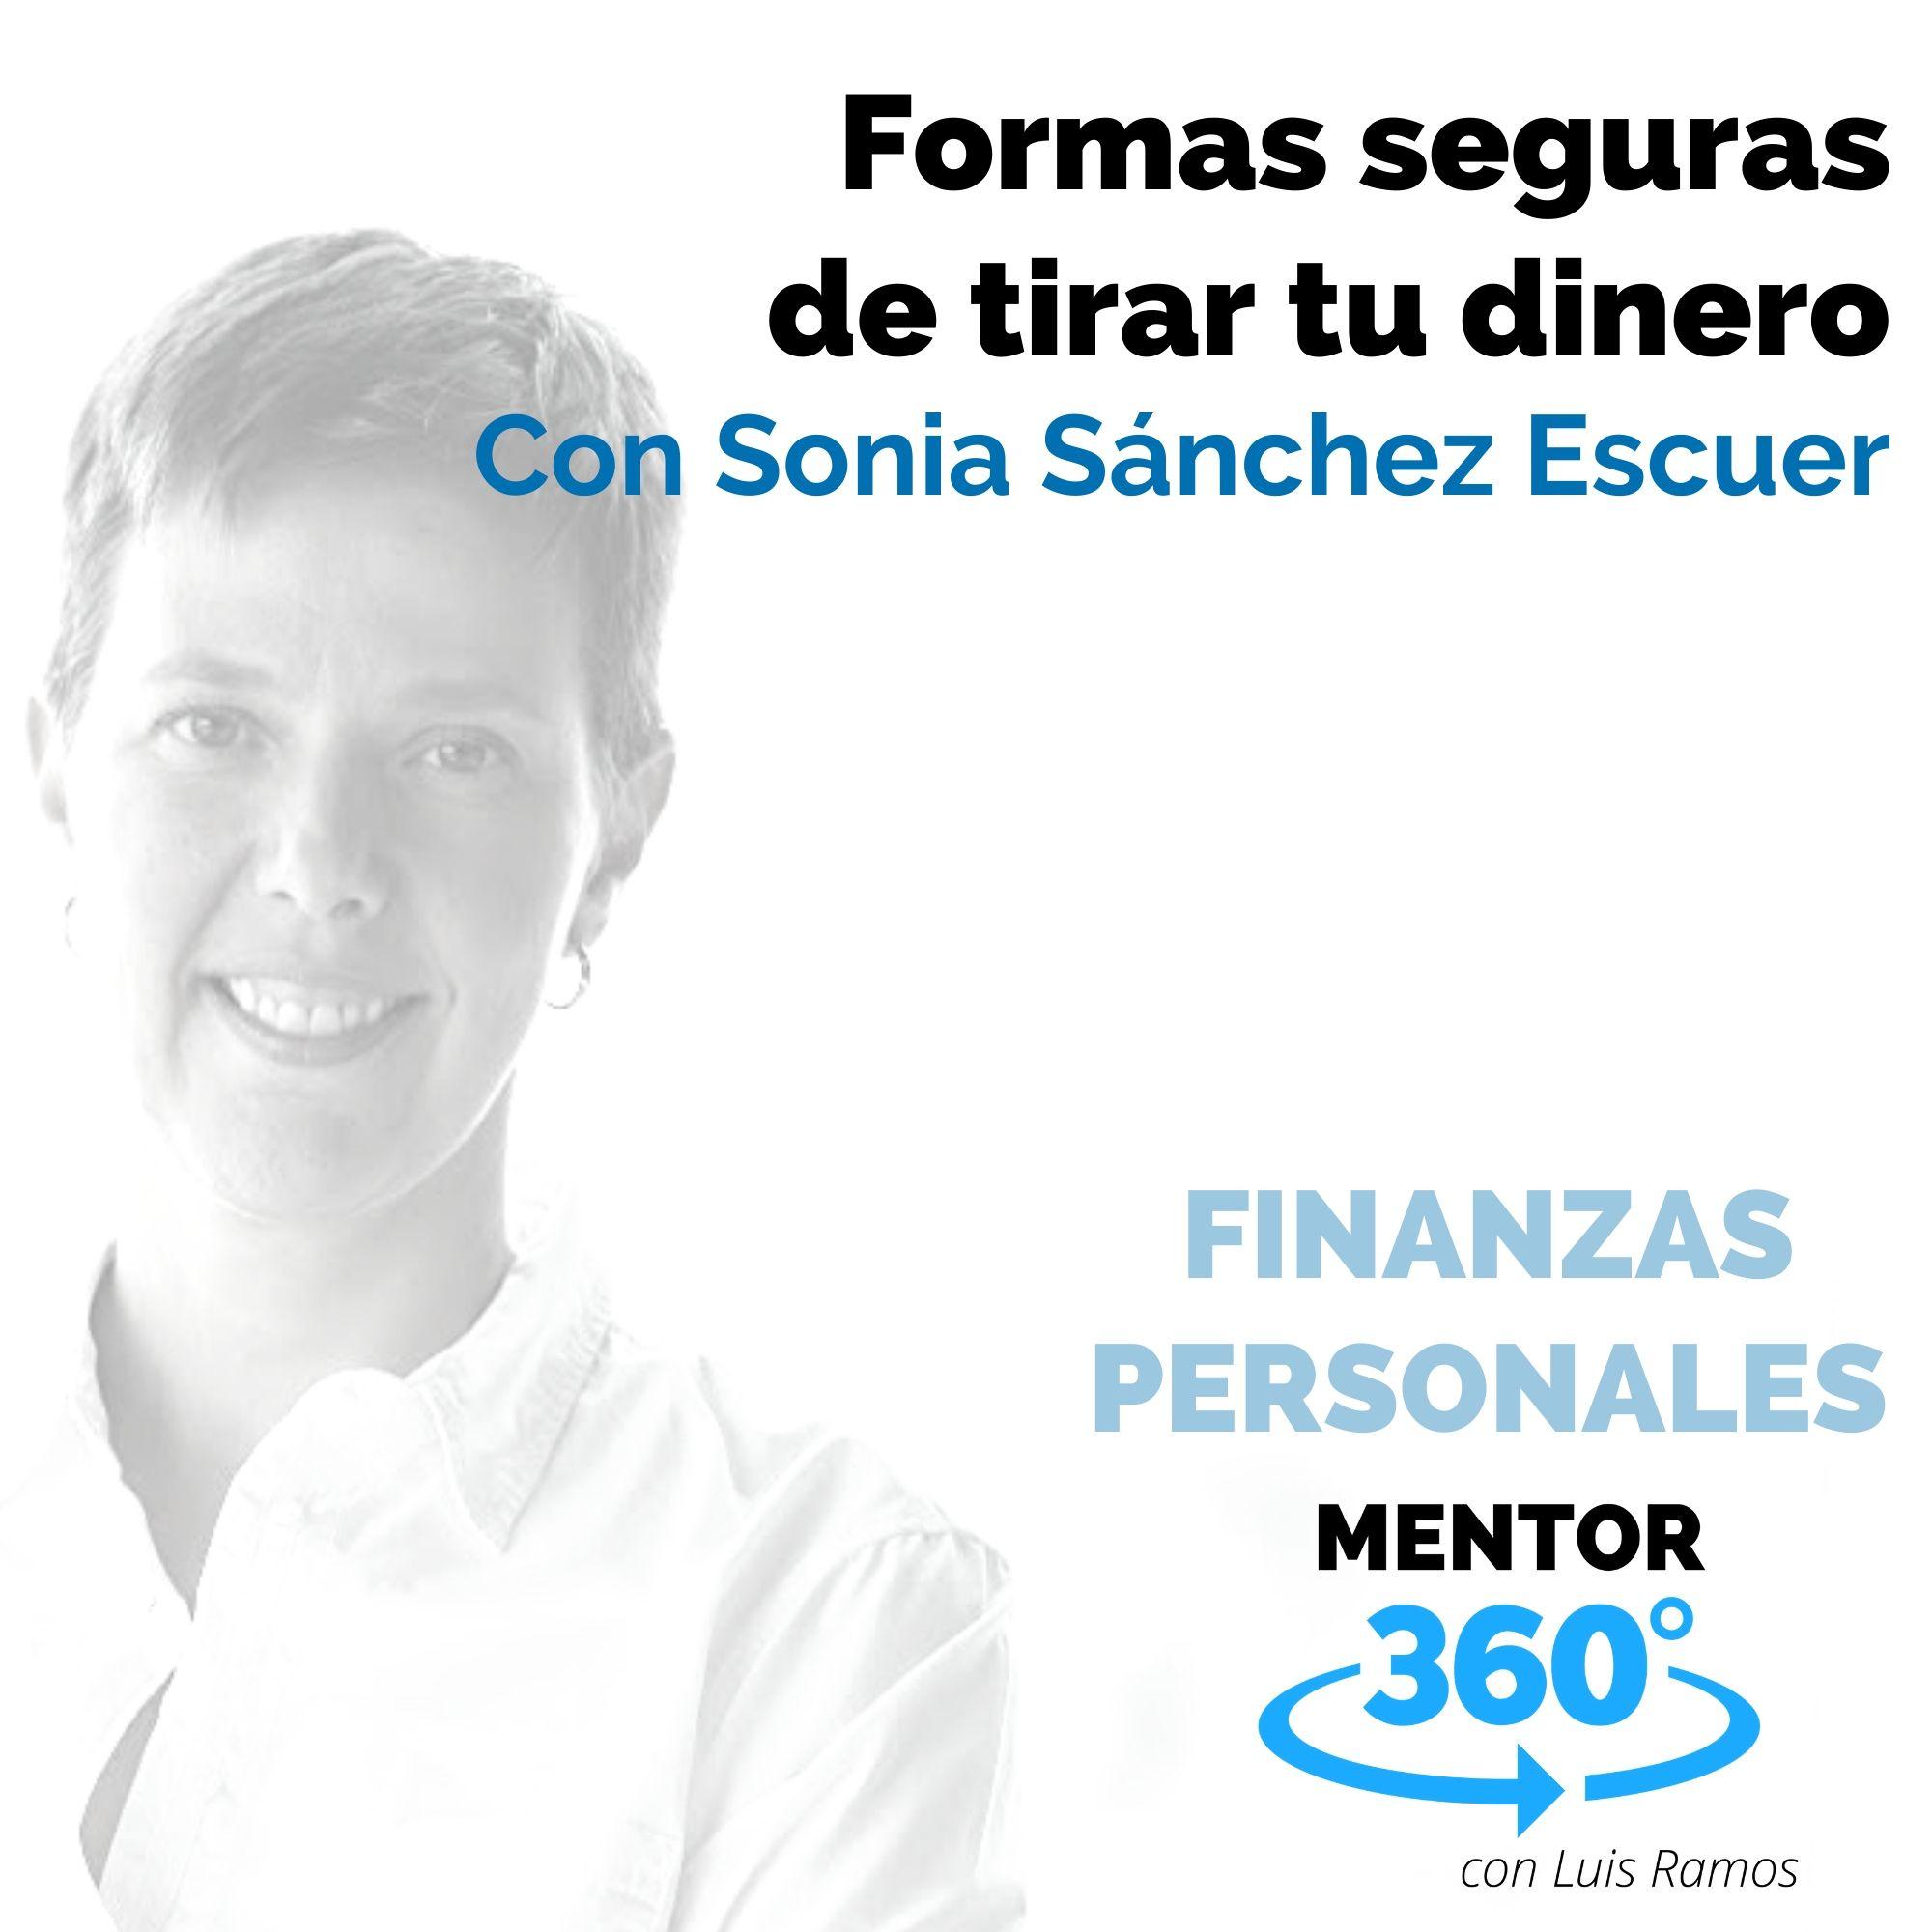 Formas seguras de tirar tu dinero, con Sonia Sánchez Escuer - FINANZAS PERSONALES